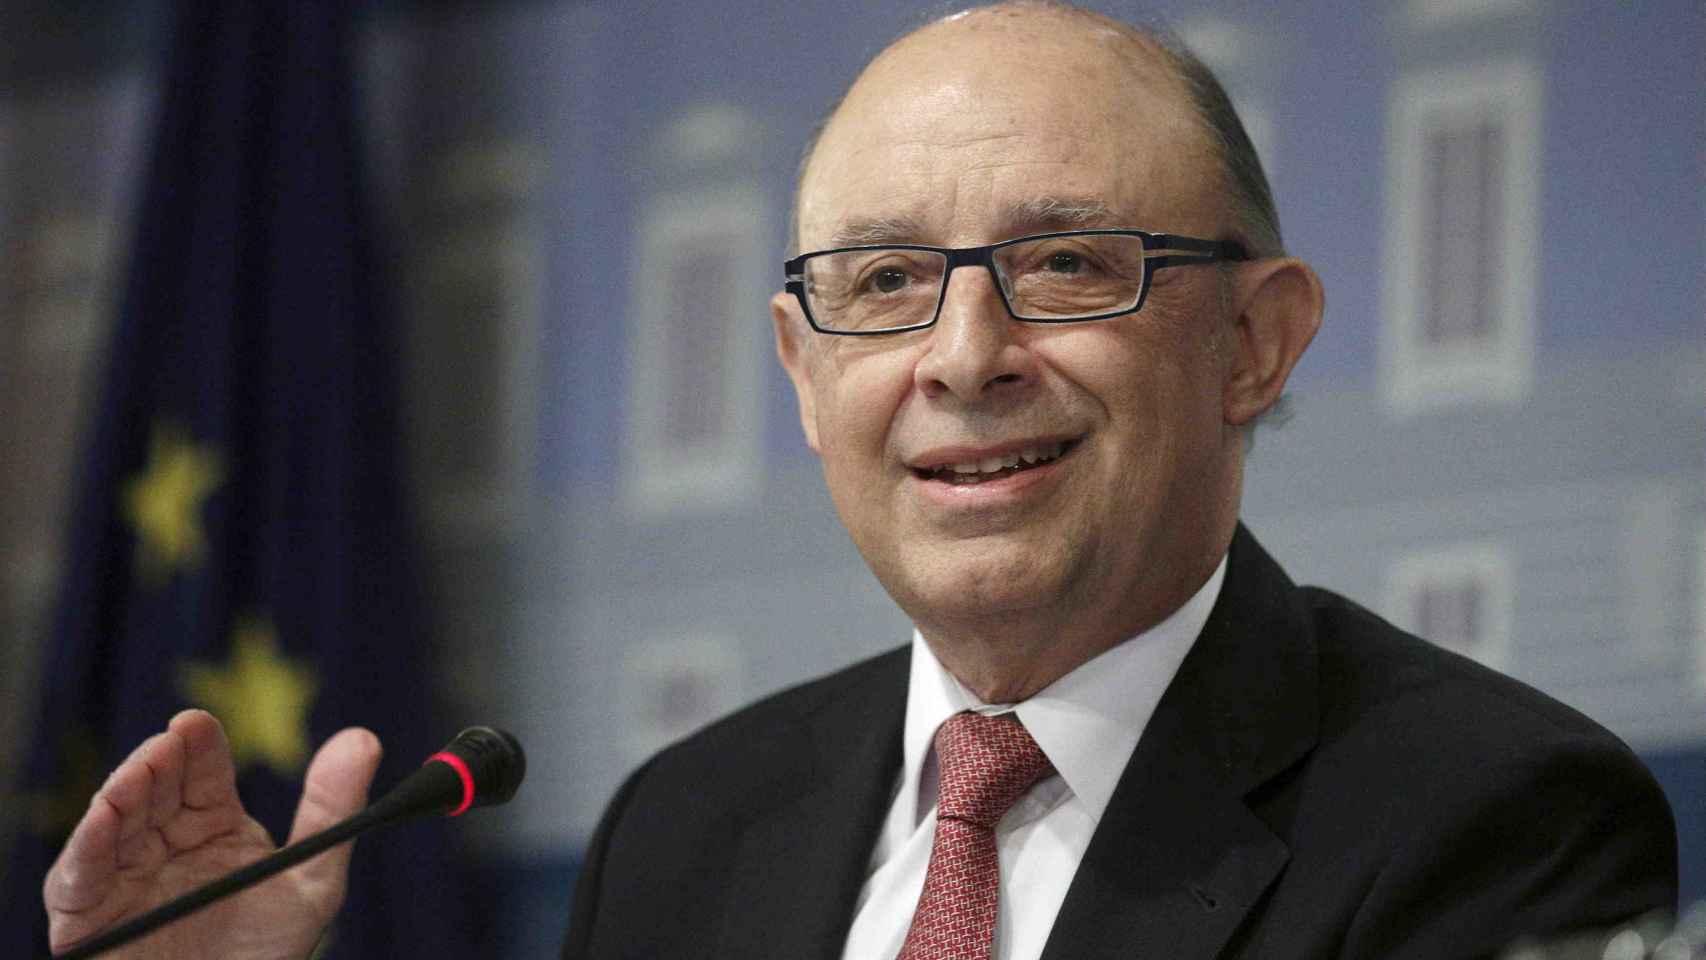 El ministro de Hacienda en funciones, Cristóbal Montoro